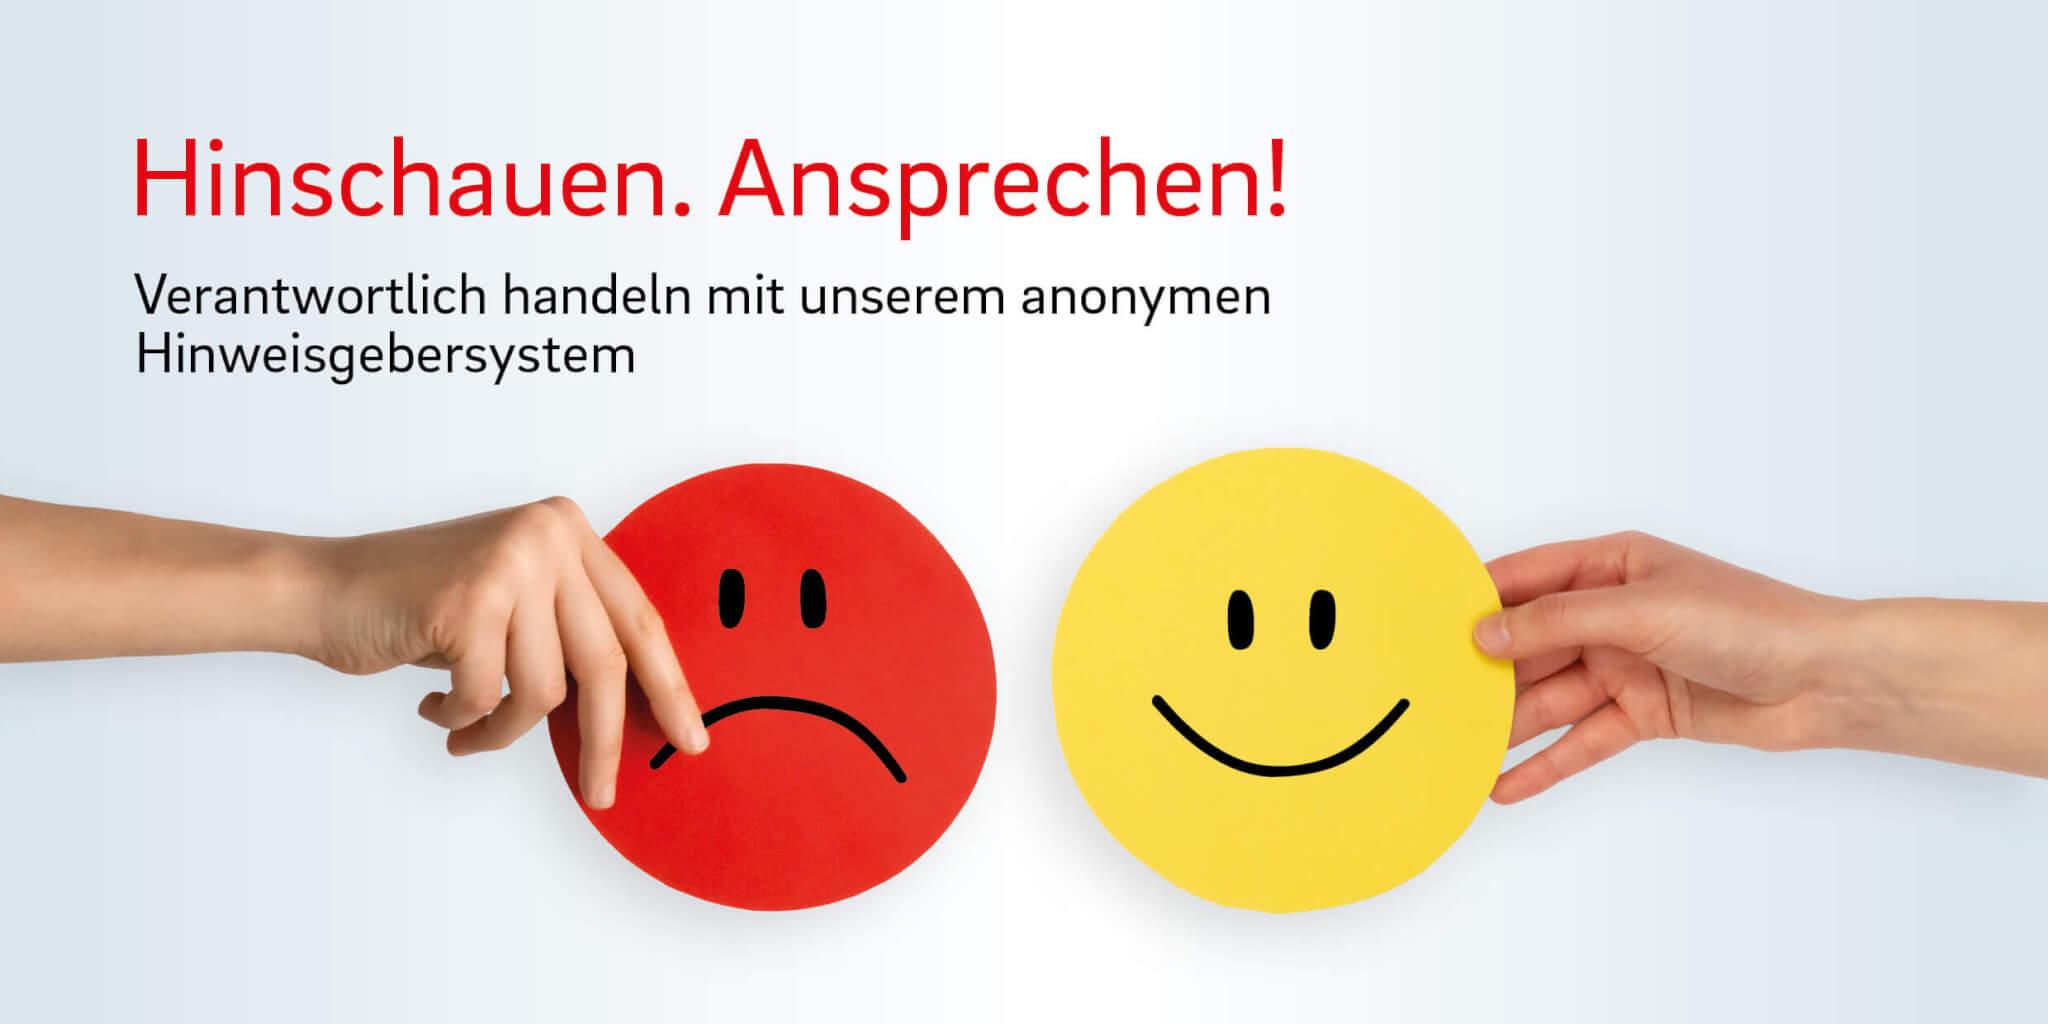 schaltbau_group_hinweisgebersystem_smiley_quer